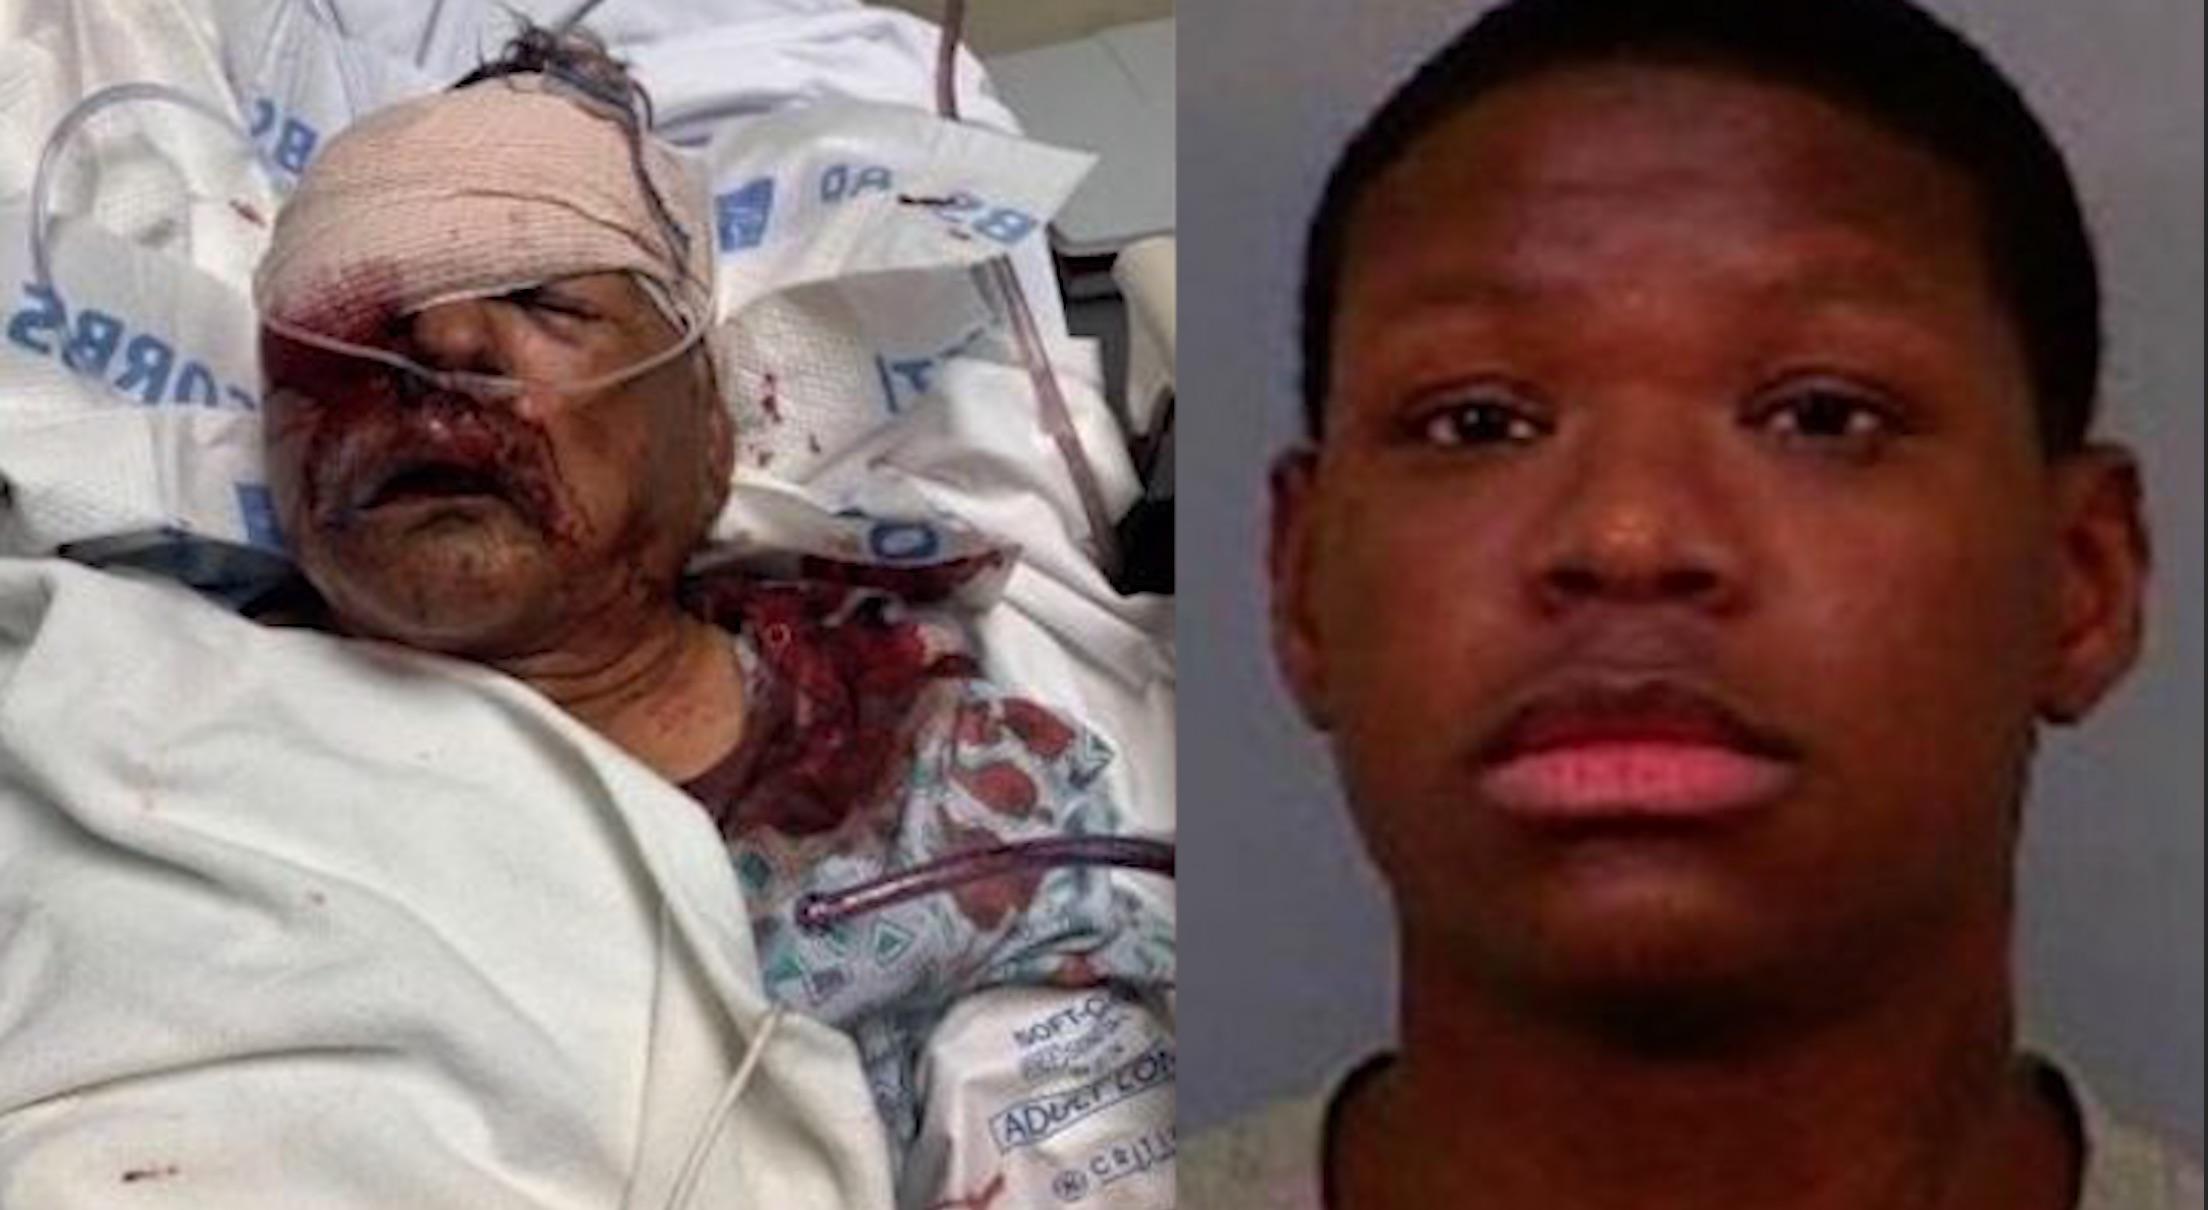 Anciano latino golpeado a morir por un afroamericano - El Latinaso Noticias